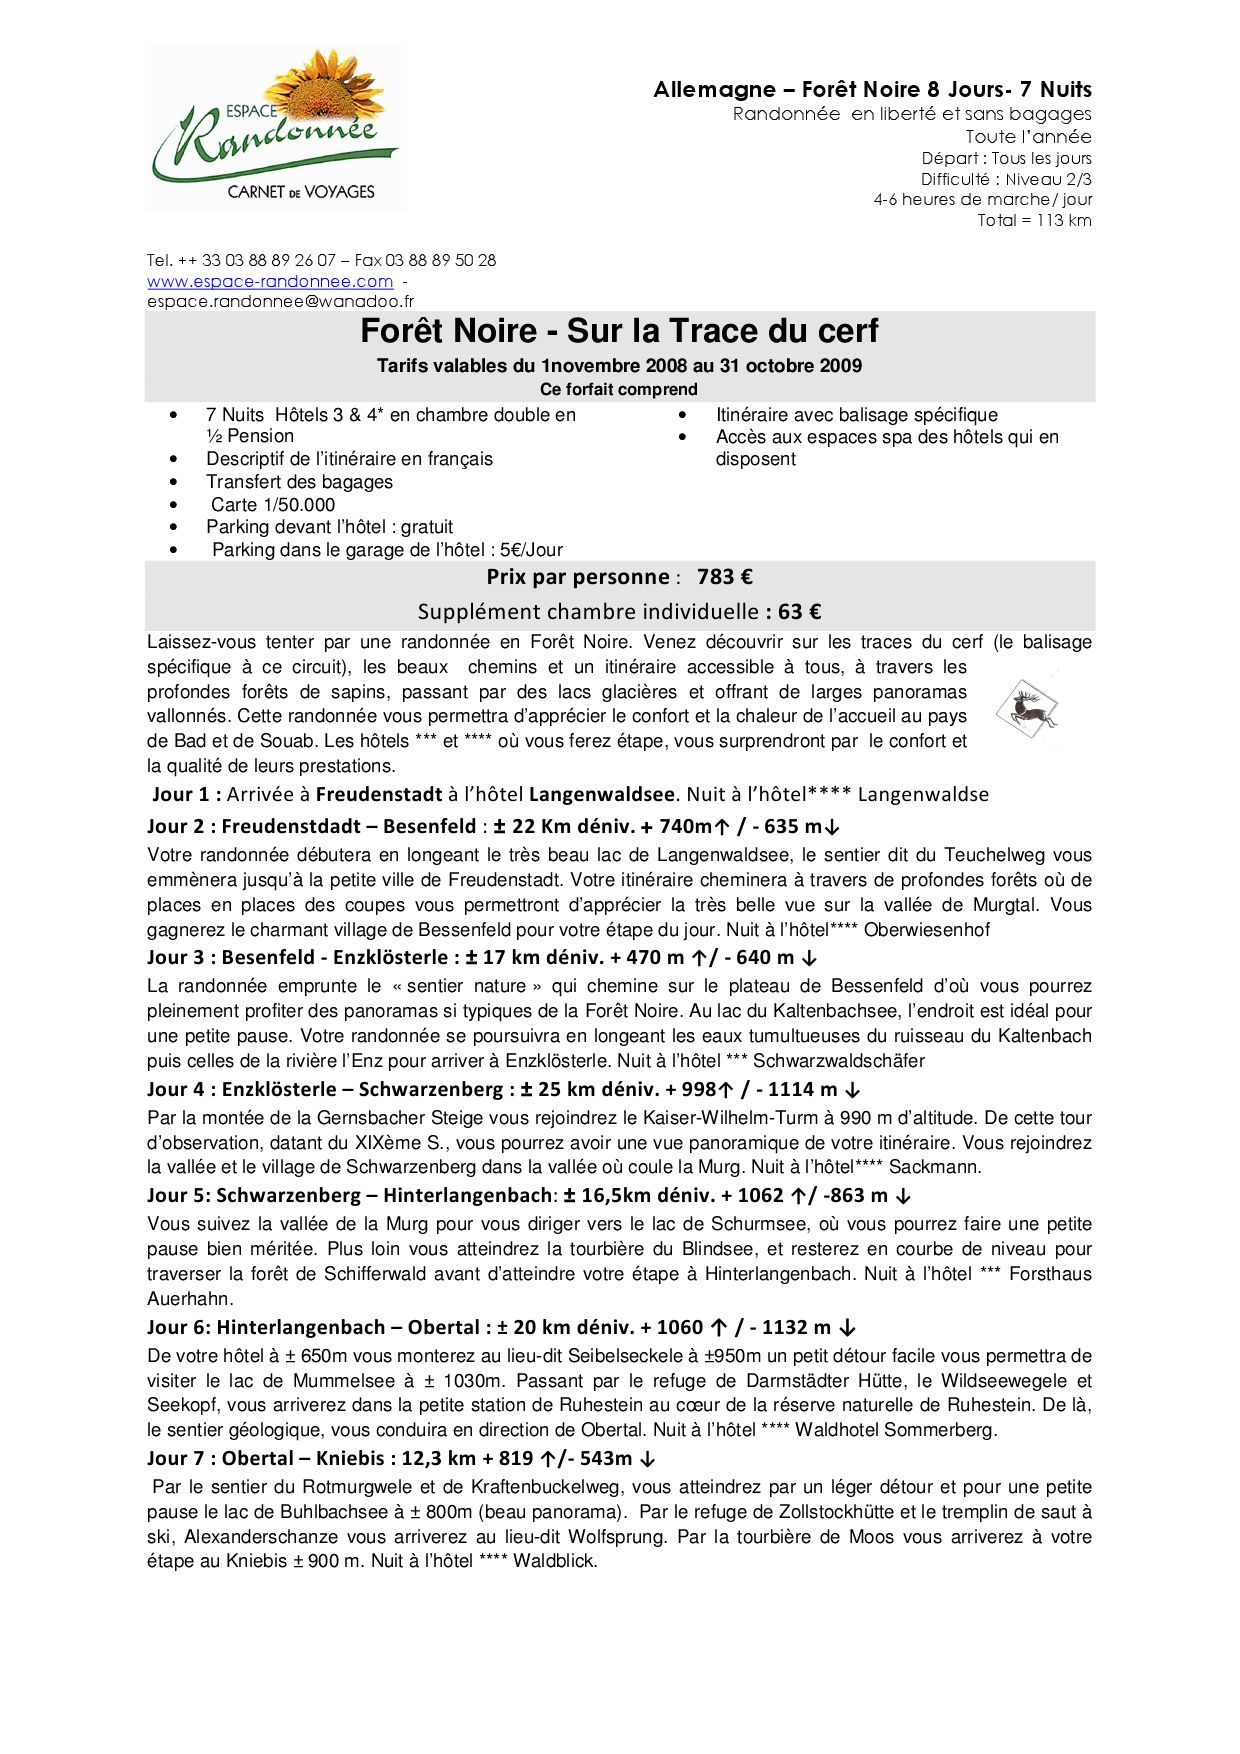 Allemagne espace foret noire 2009 by eureka publicite issuu - Chambre d hotes foret noire allemagne ...